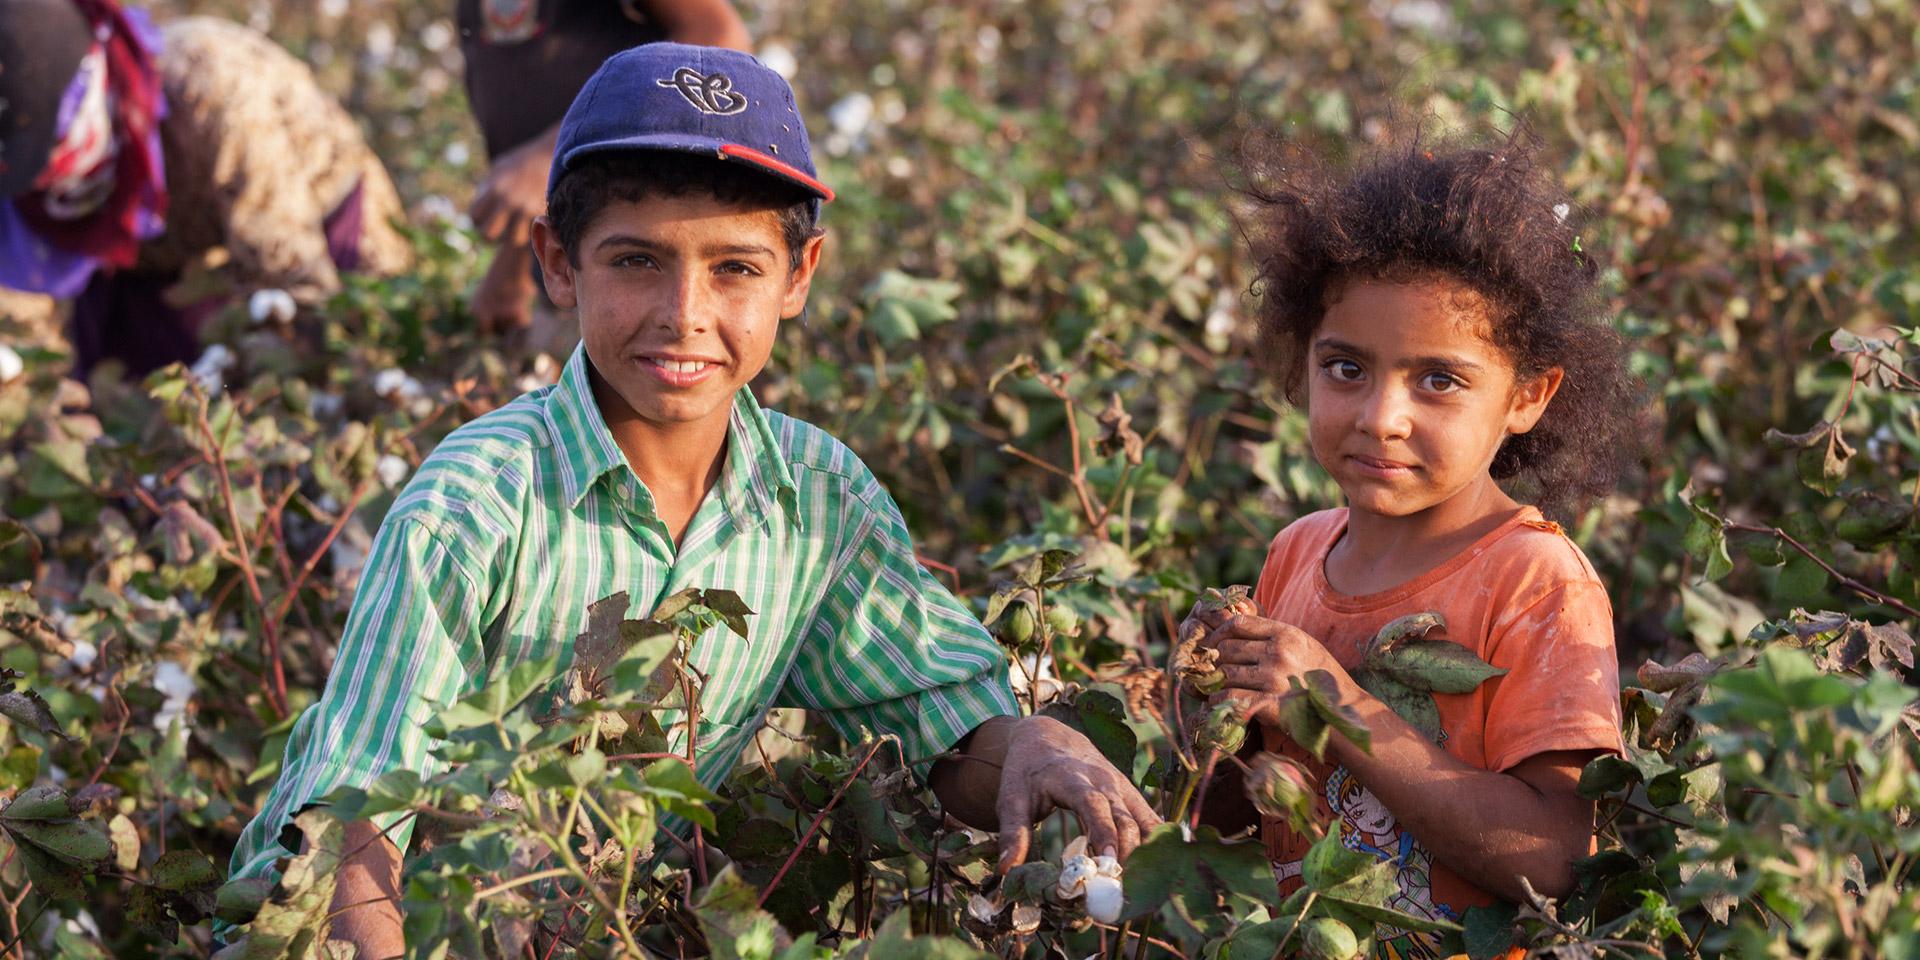 Kinder arbeiten auf einem Feld, © iStock / yavuzsariyildiz